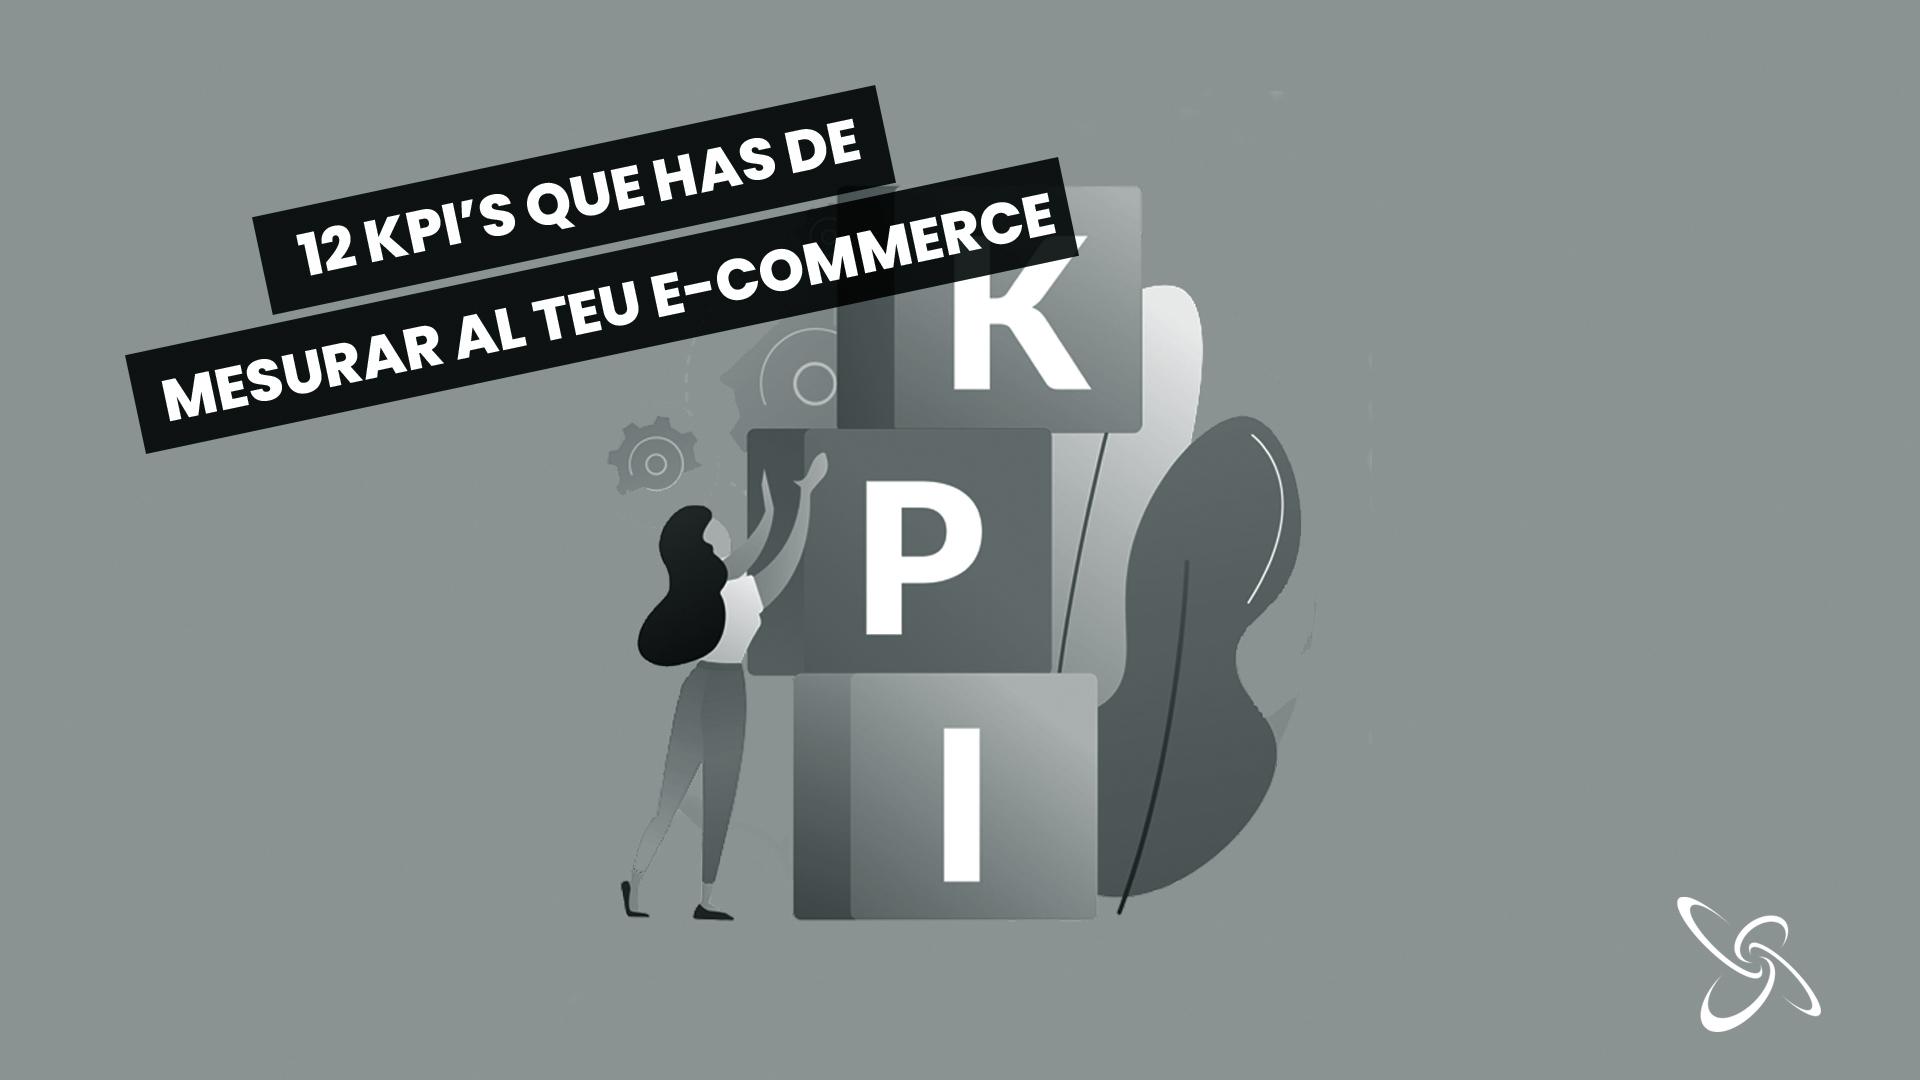 12 kpi's que has de mesurar al teu e-commerce